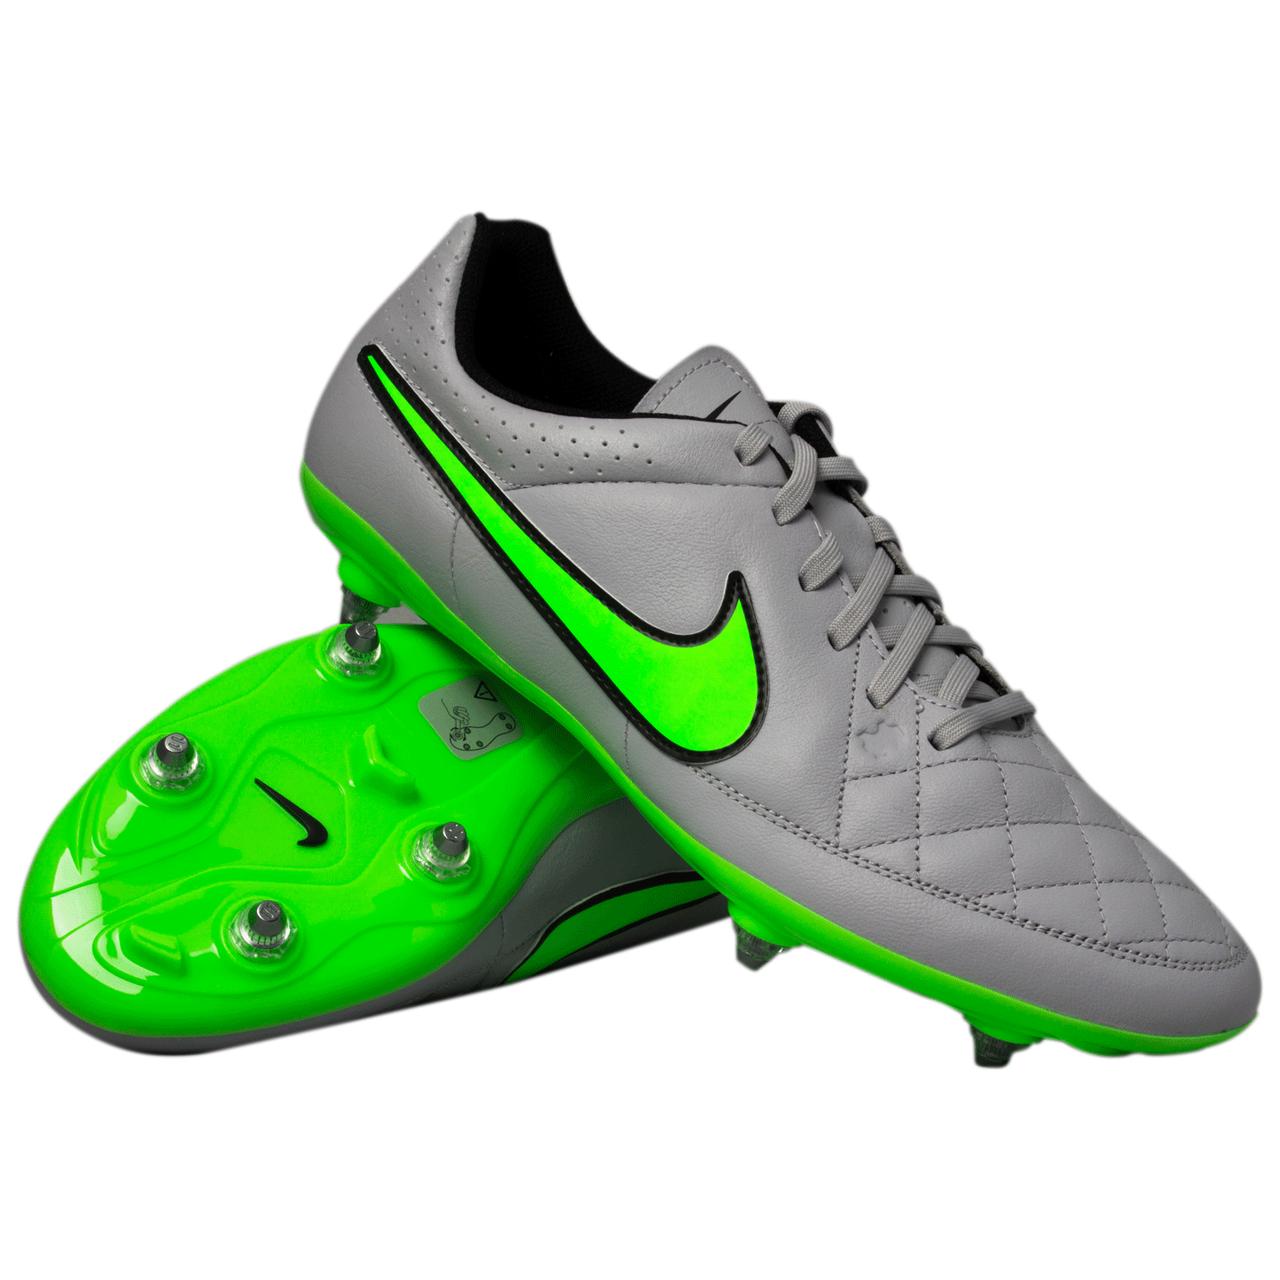 size 40 8a56e c3e1a Nike Tiempo Genio Leather SG - WolfGrey/Green